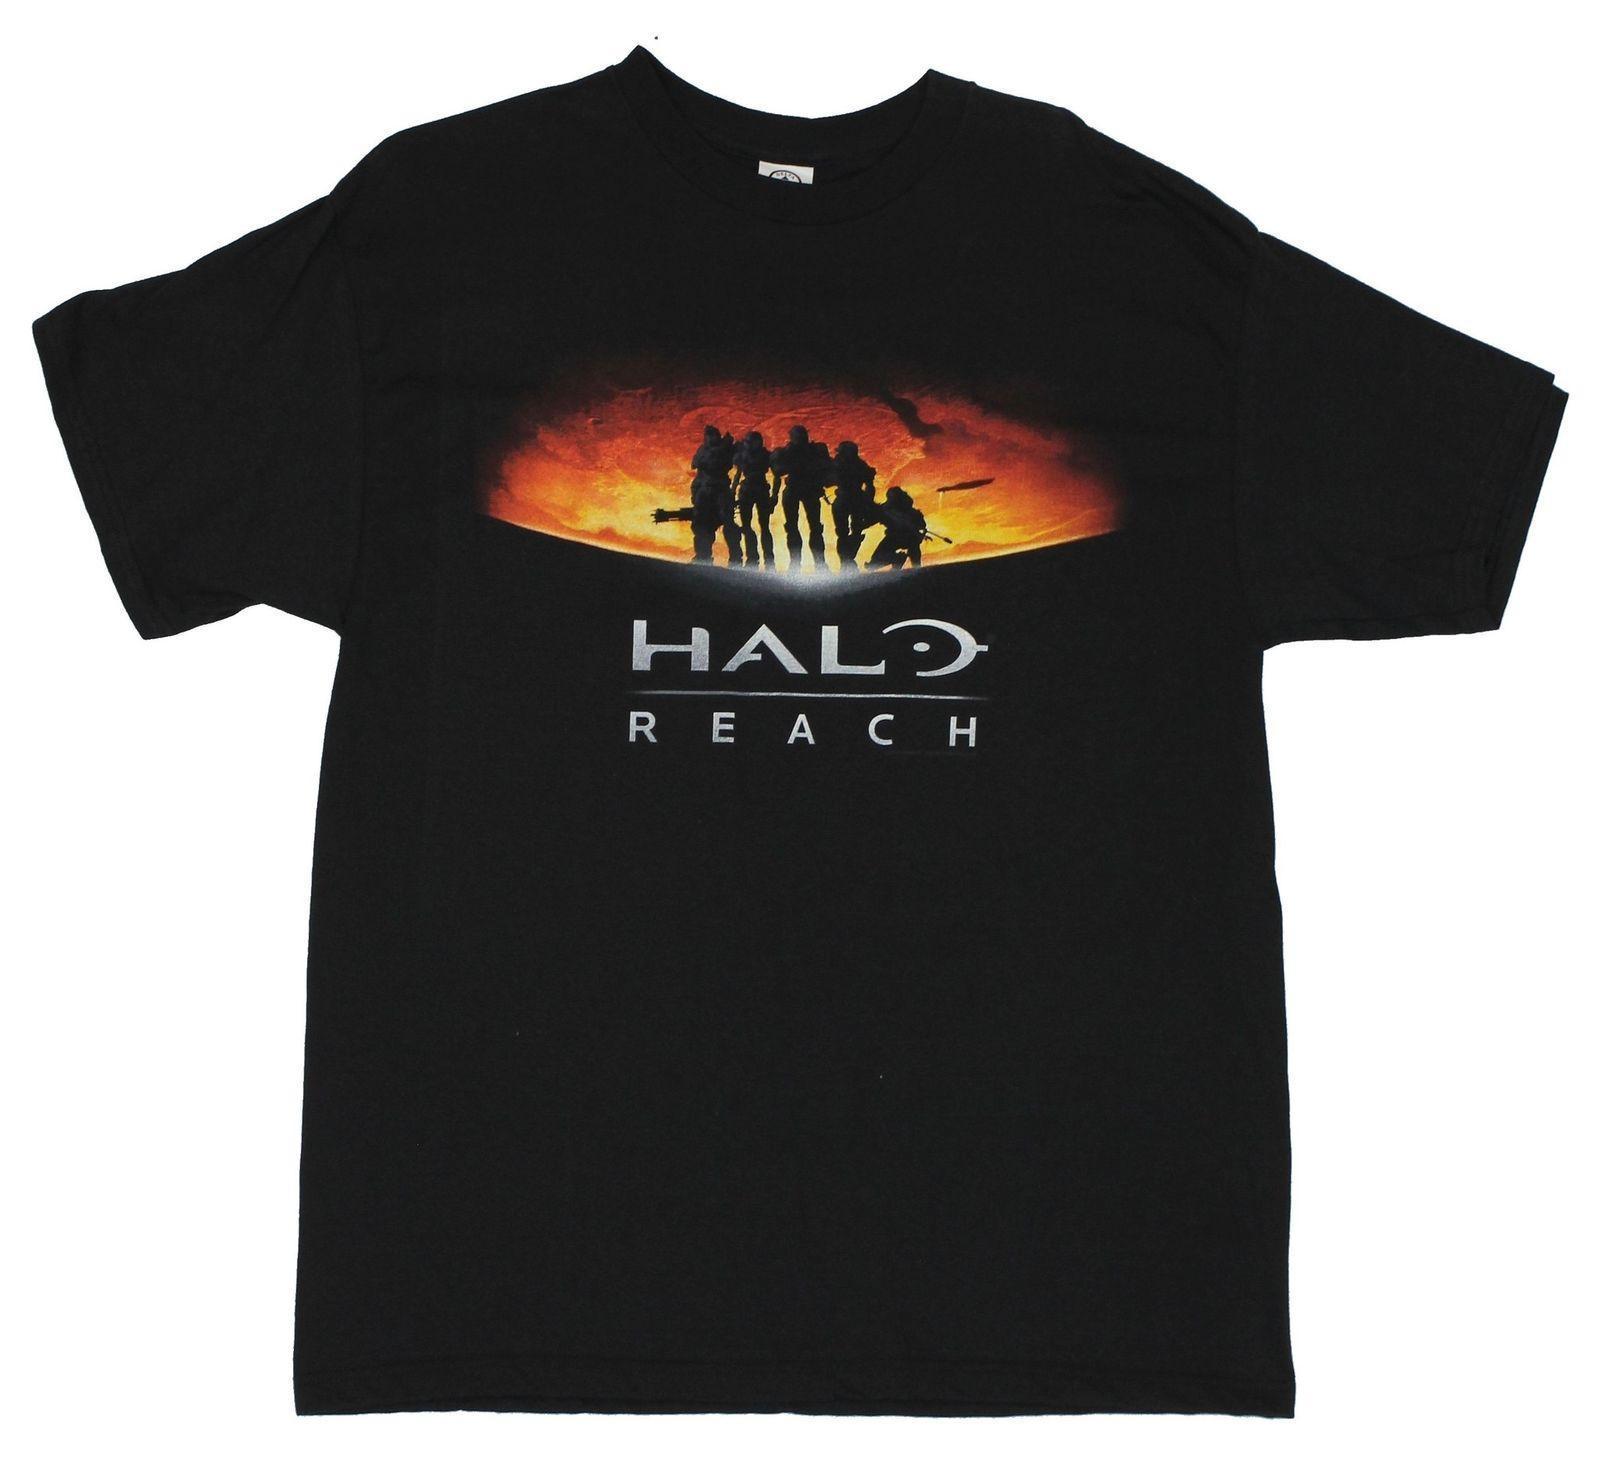 Halo Mens T-Shirt - Reach Annoucement Art On Nero maglietta del fumetto del progettista degli uomini vestiti nuovi Tshirt Camisetas Top Tees Top